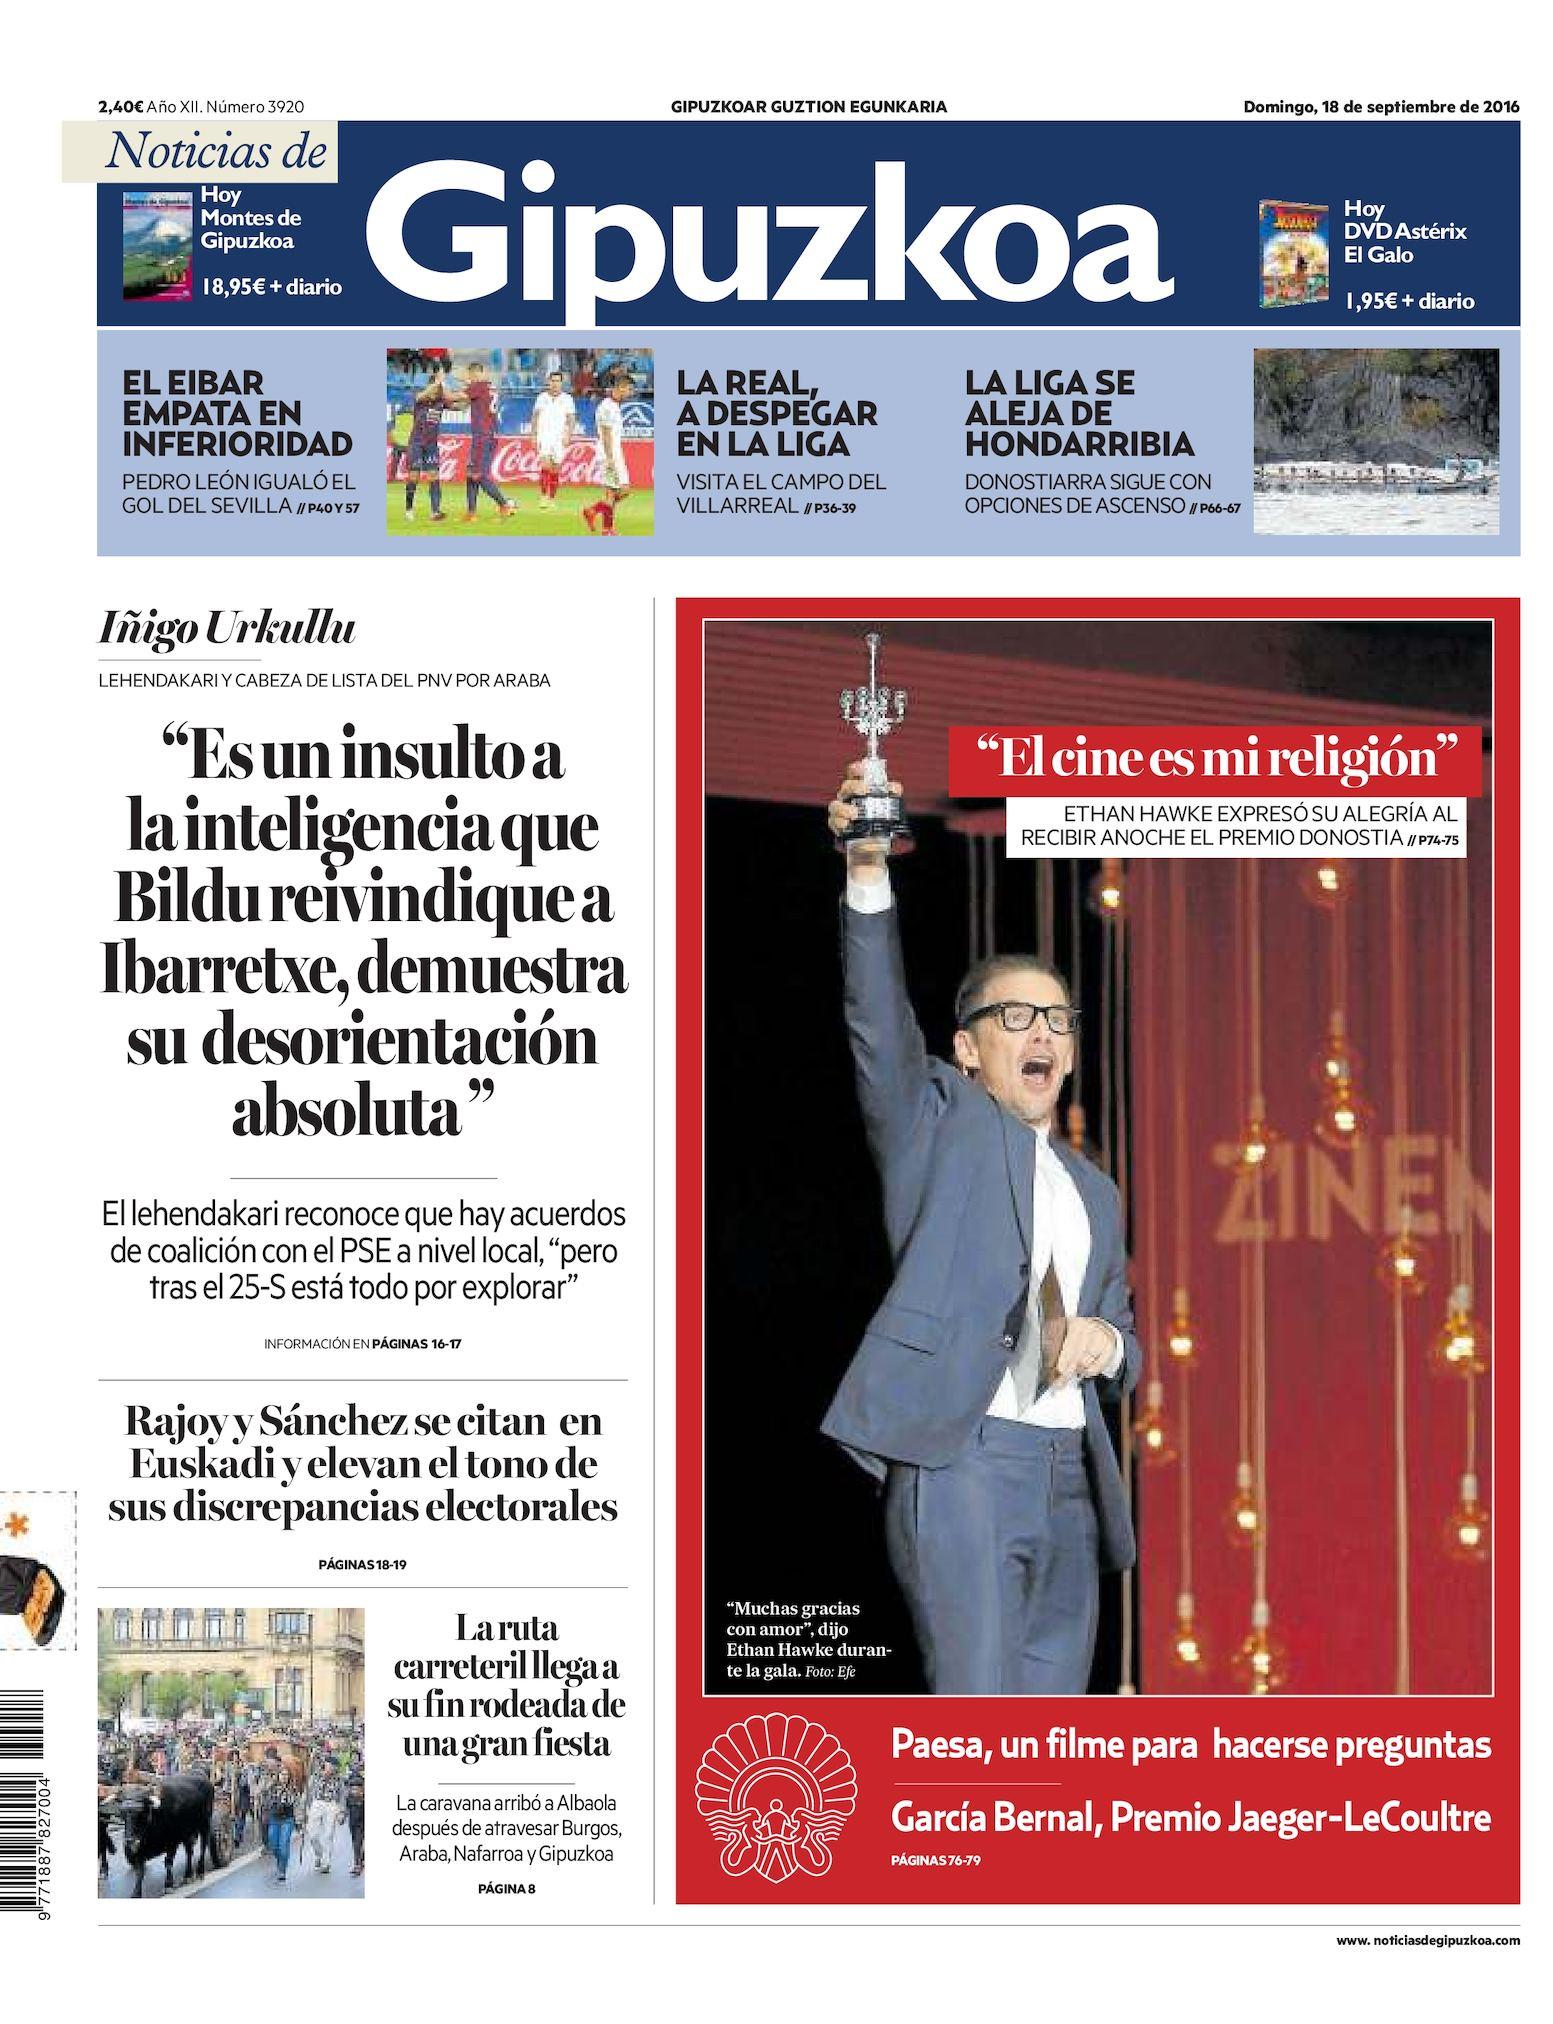 b42787e02 Calaméo - Noticias de Gipuzkoa 20160918